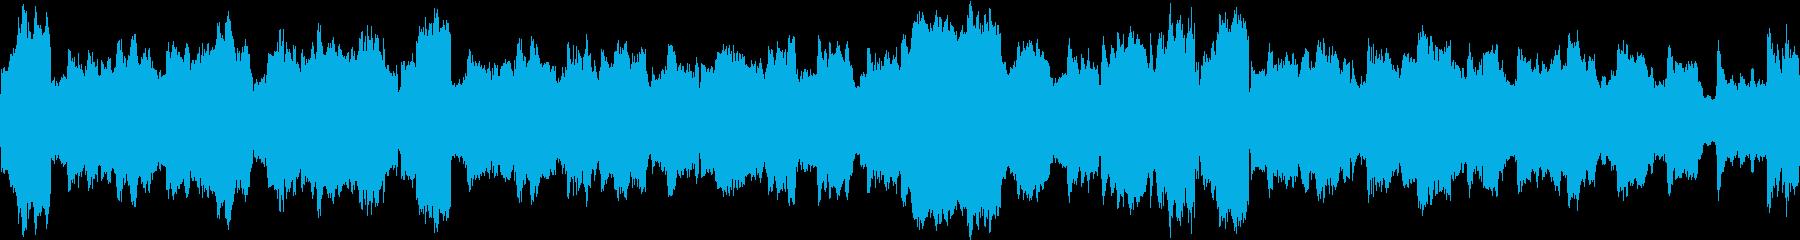 弦楽器ループ音源(和風でしんみり)の再生済みの波形